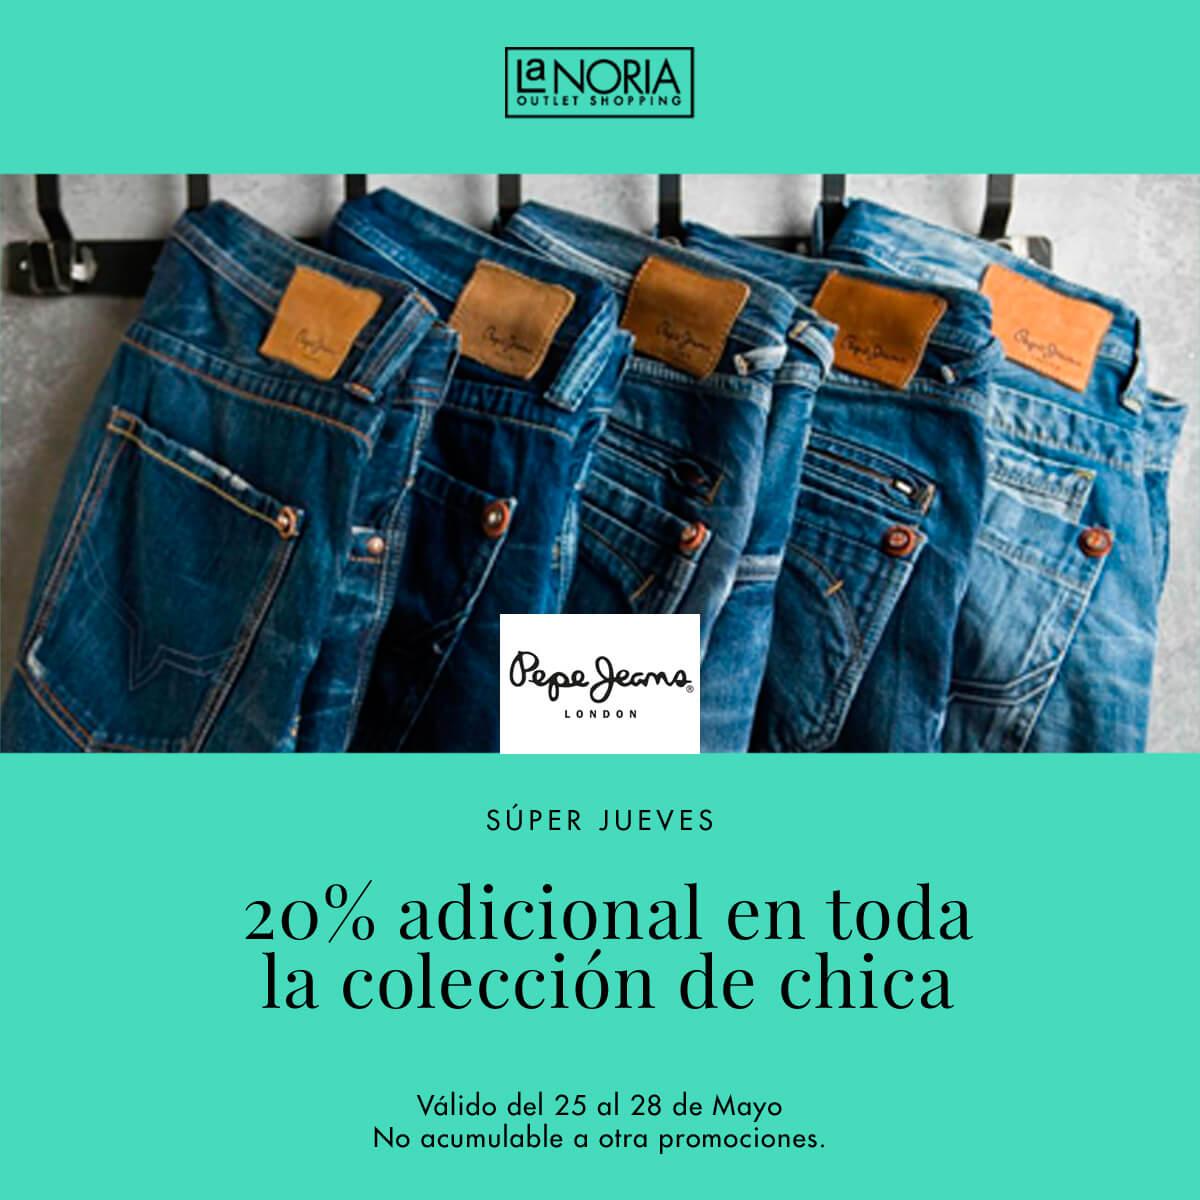 Tenemos también la promocion de super jueves mayo del outlet de pepe jeans en murcia